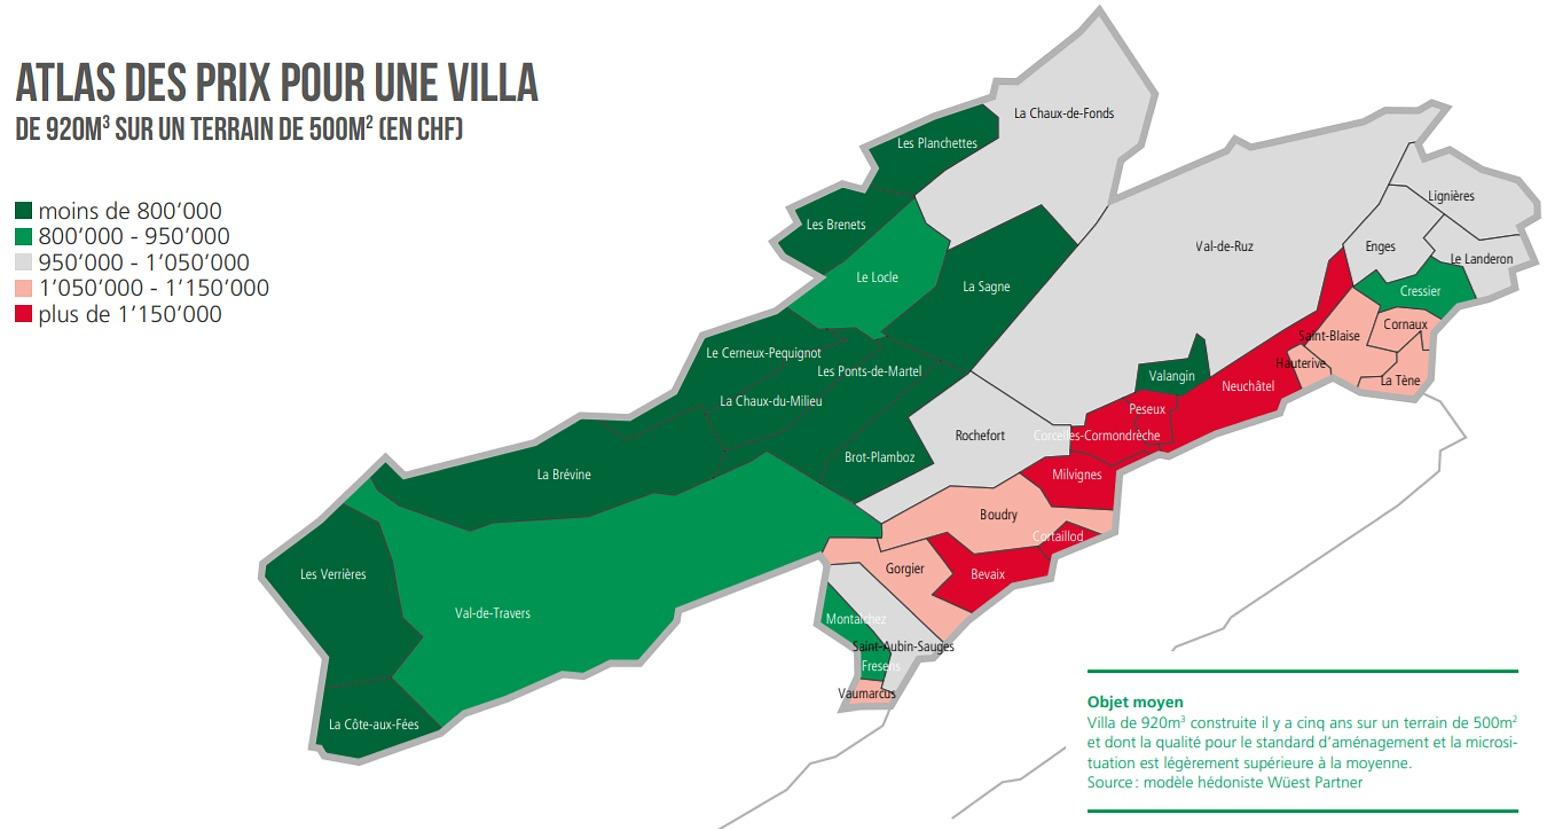 evolution des prix au m2 villa neuchatel 2020